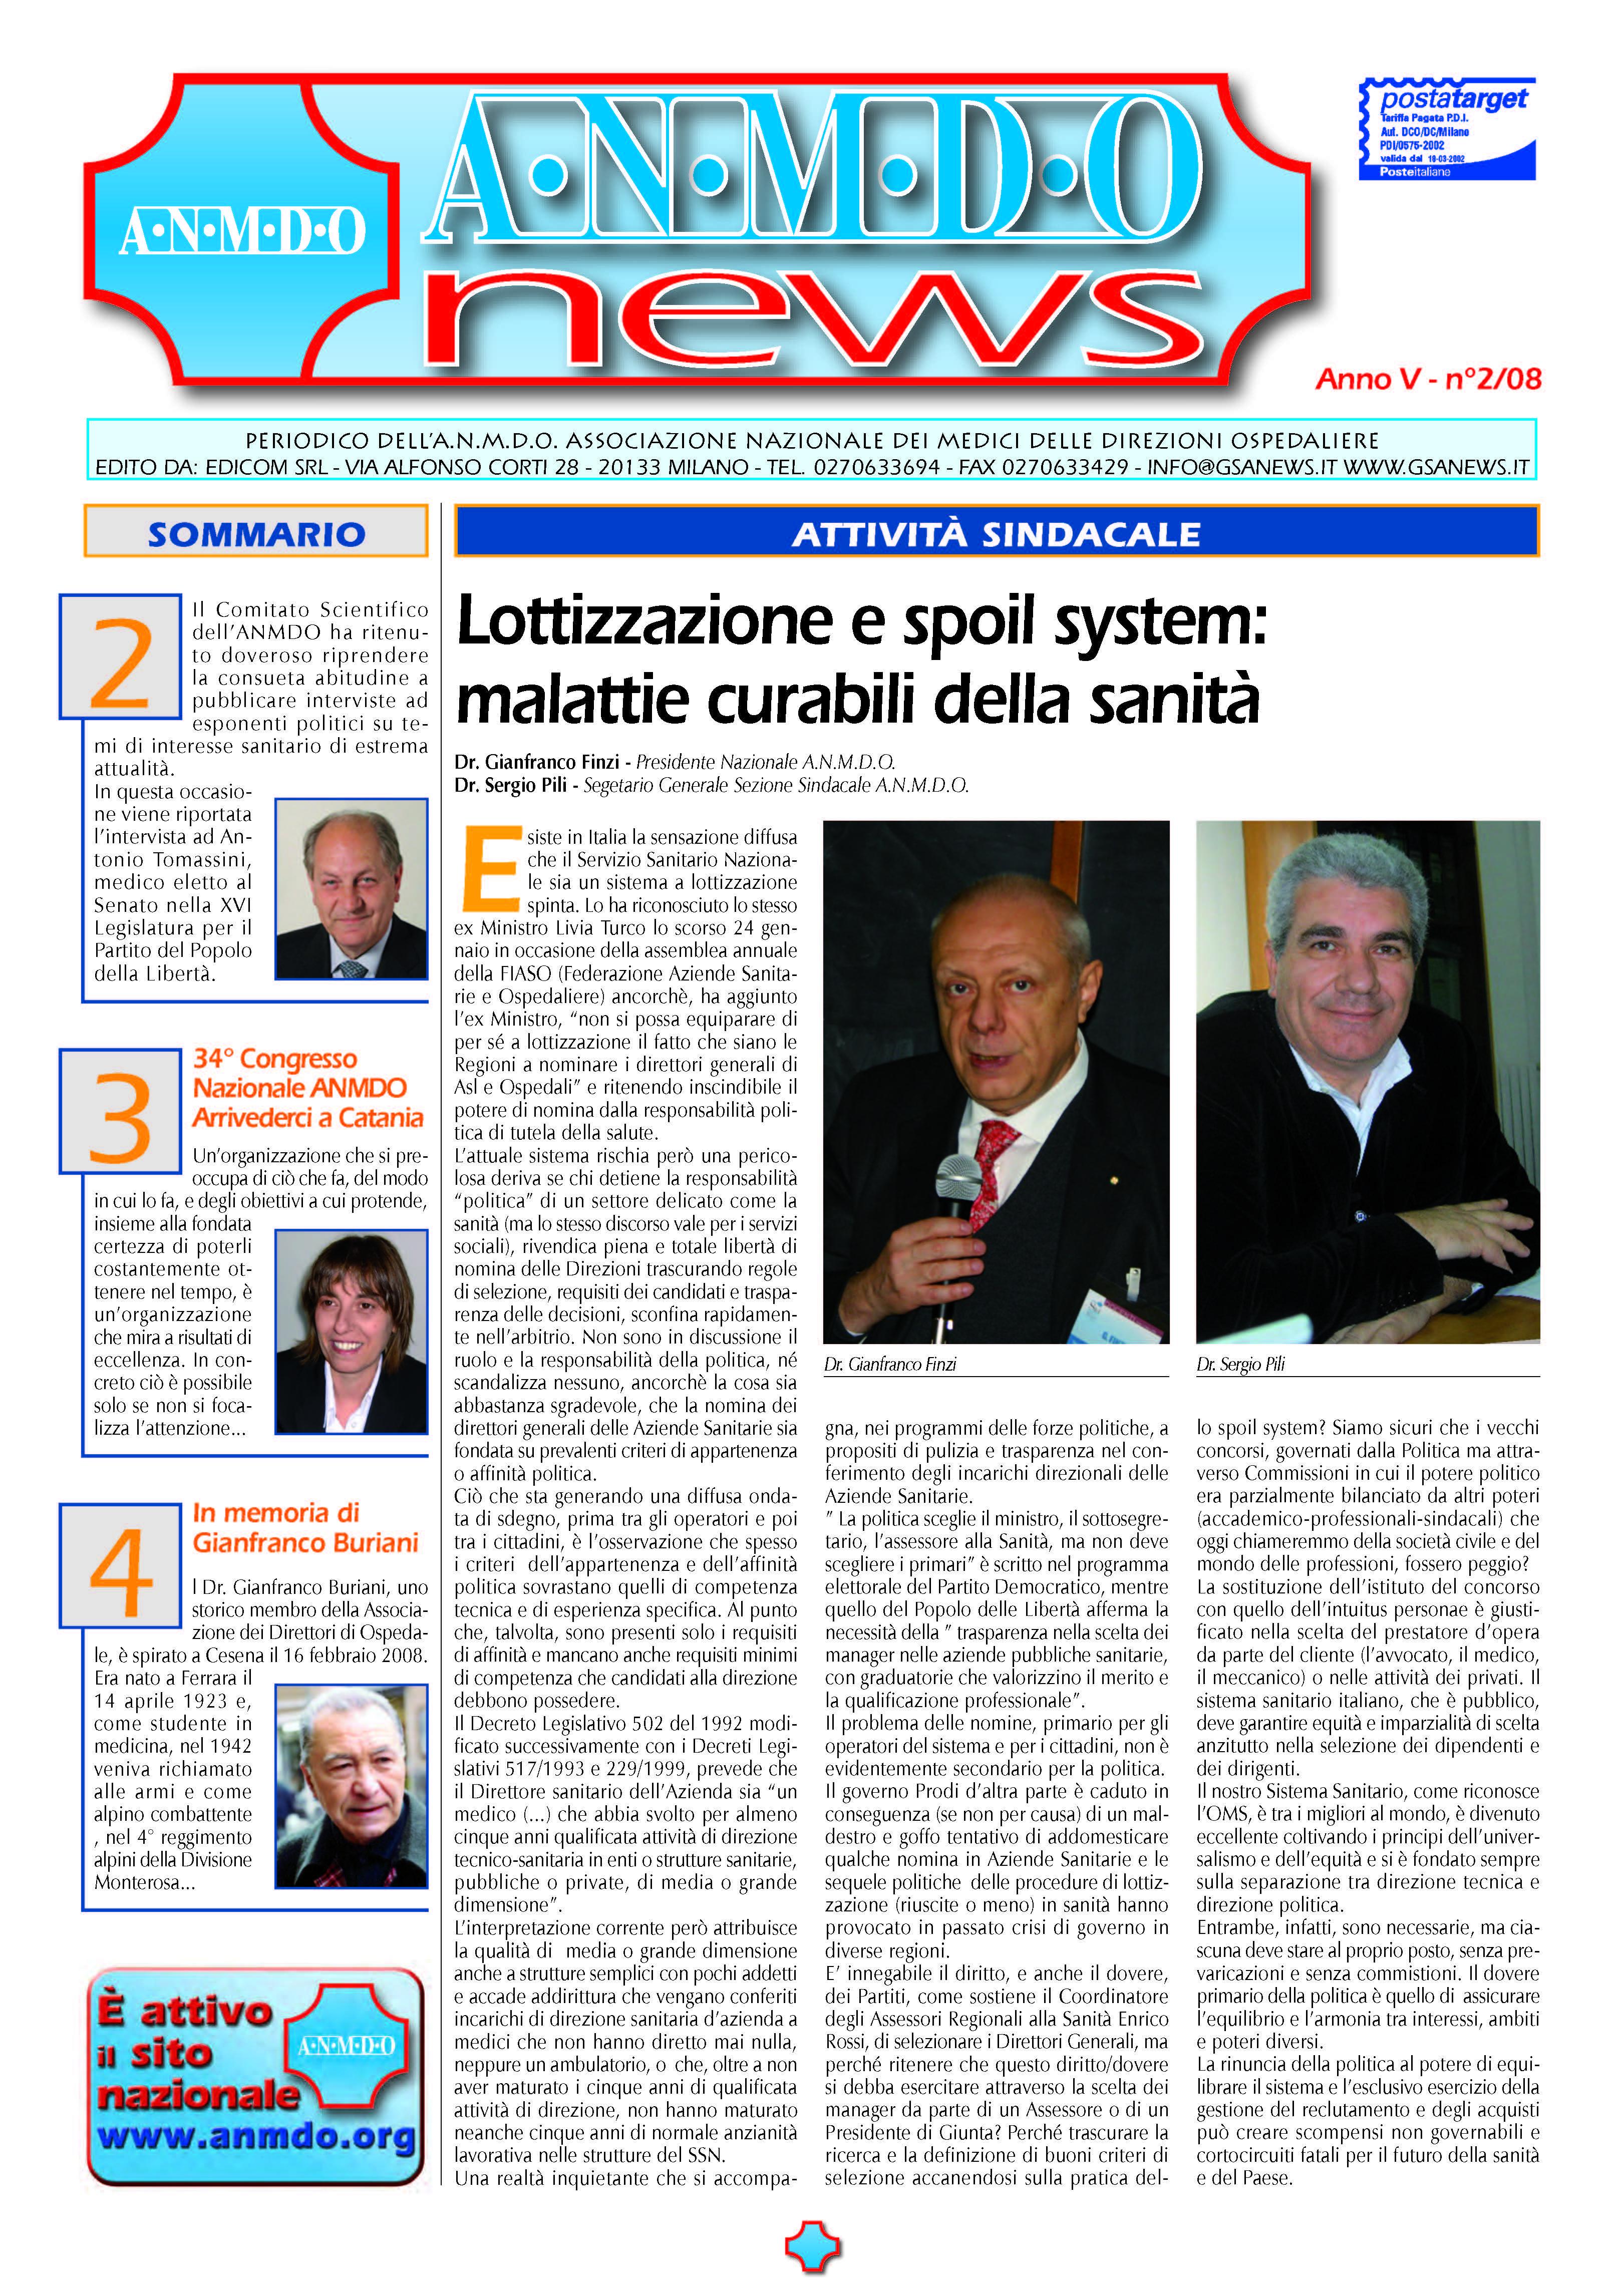 pagine-da-anmdonews_02_08